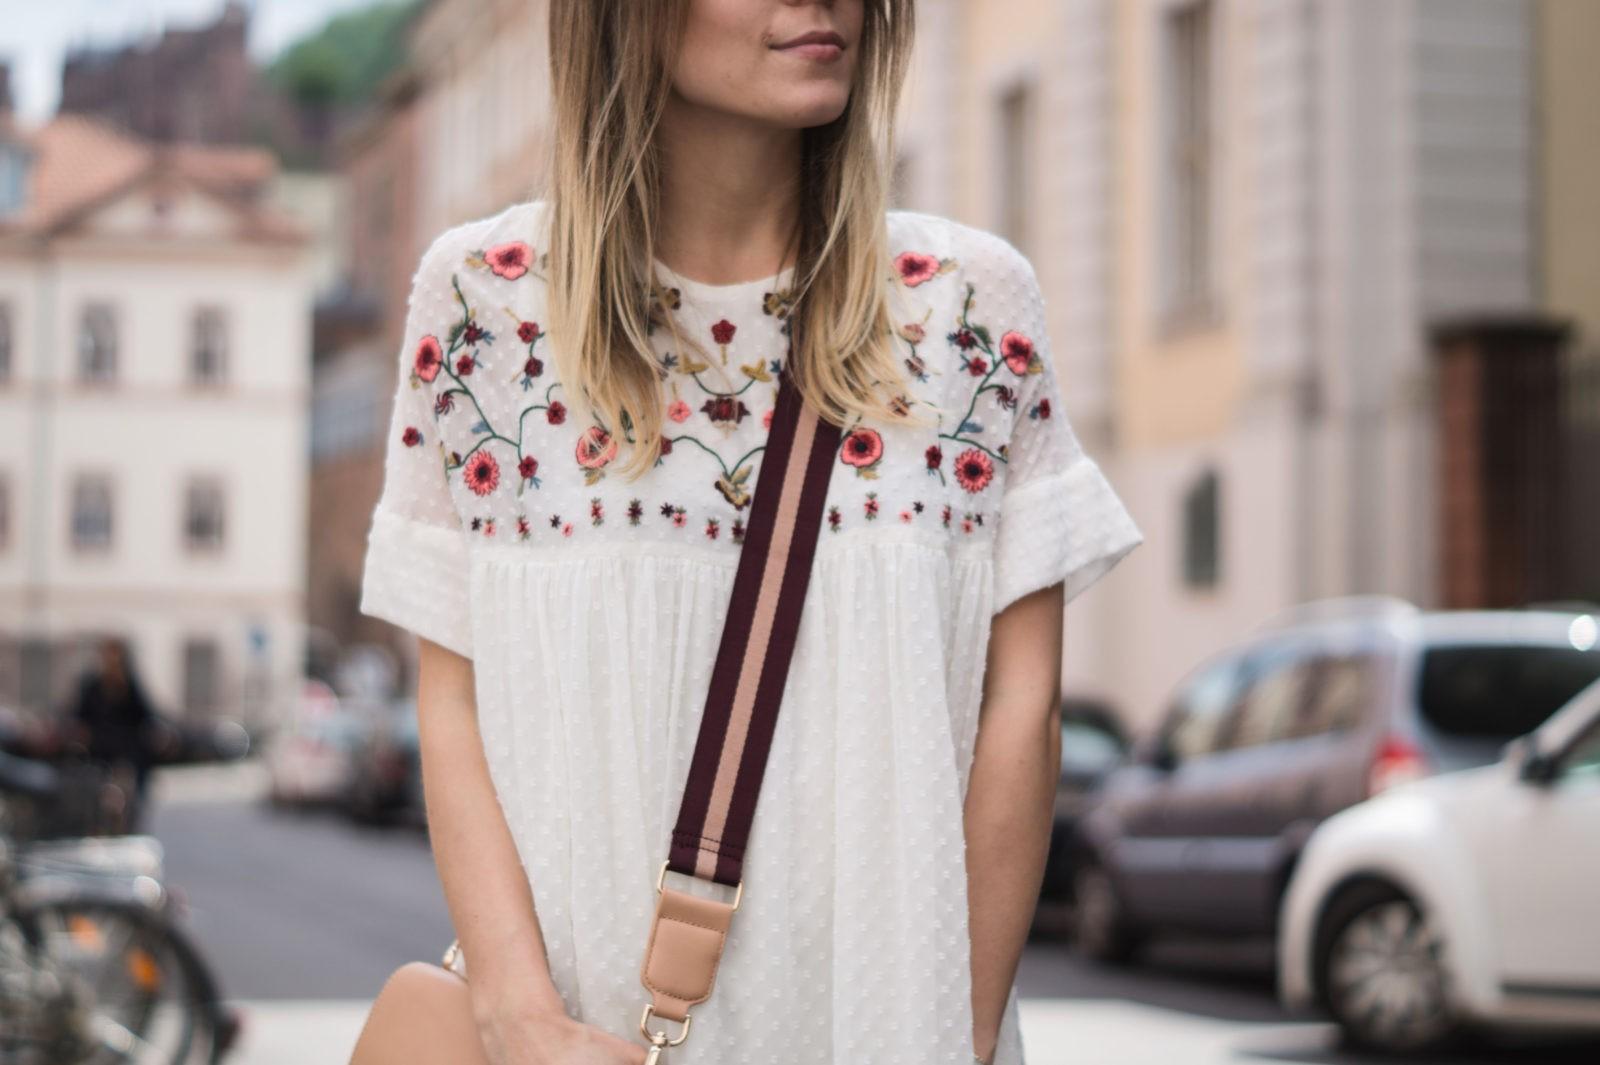 Floral Summer Dress Zara Jumpsuit Black Loafers Pantoletten Sommerkleid Streetstyle Heidelberg Sariety Modeblog Details Tiefenschärfe